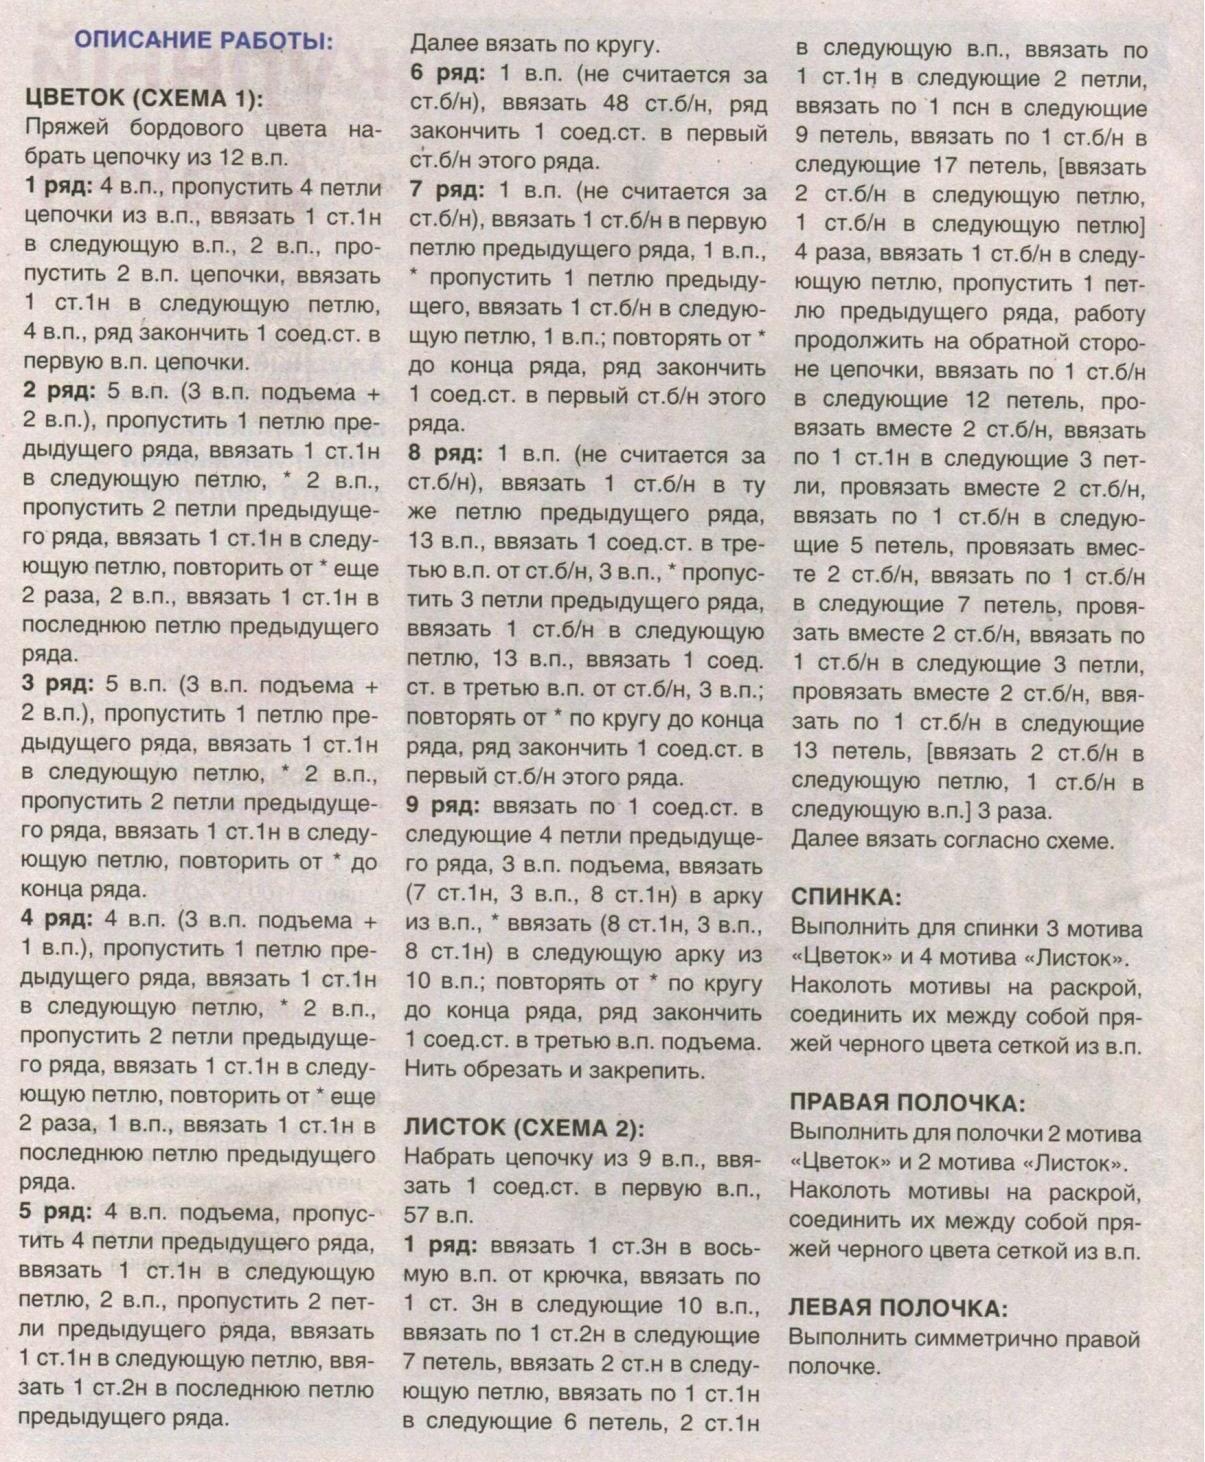 2028_lv-krucok2-14_03 (3)